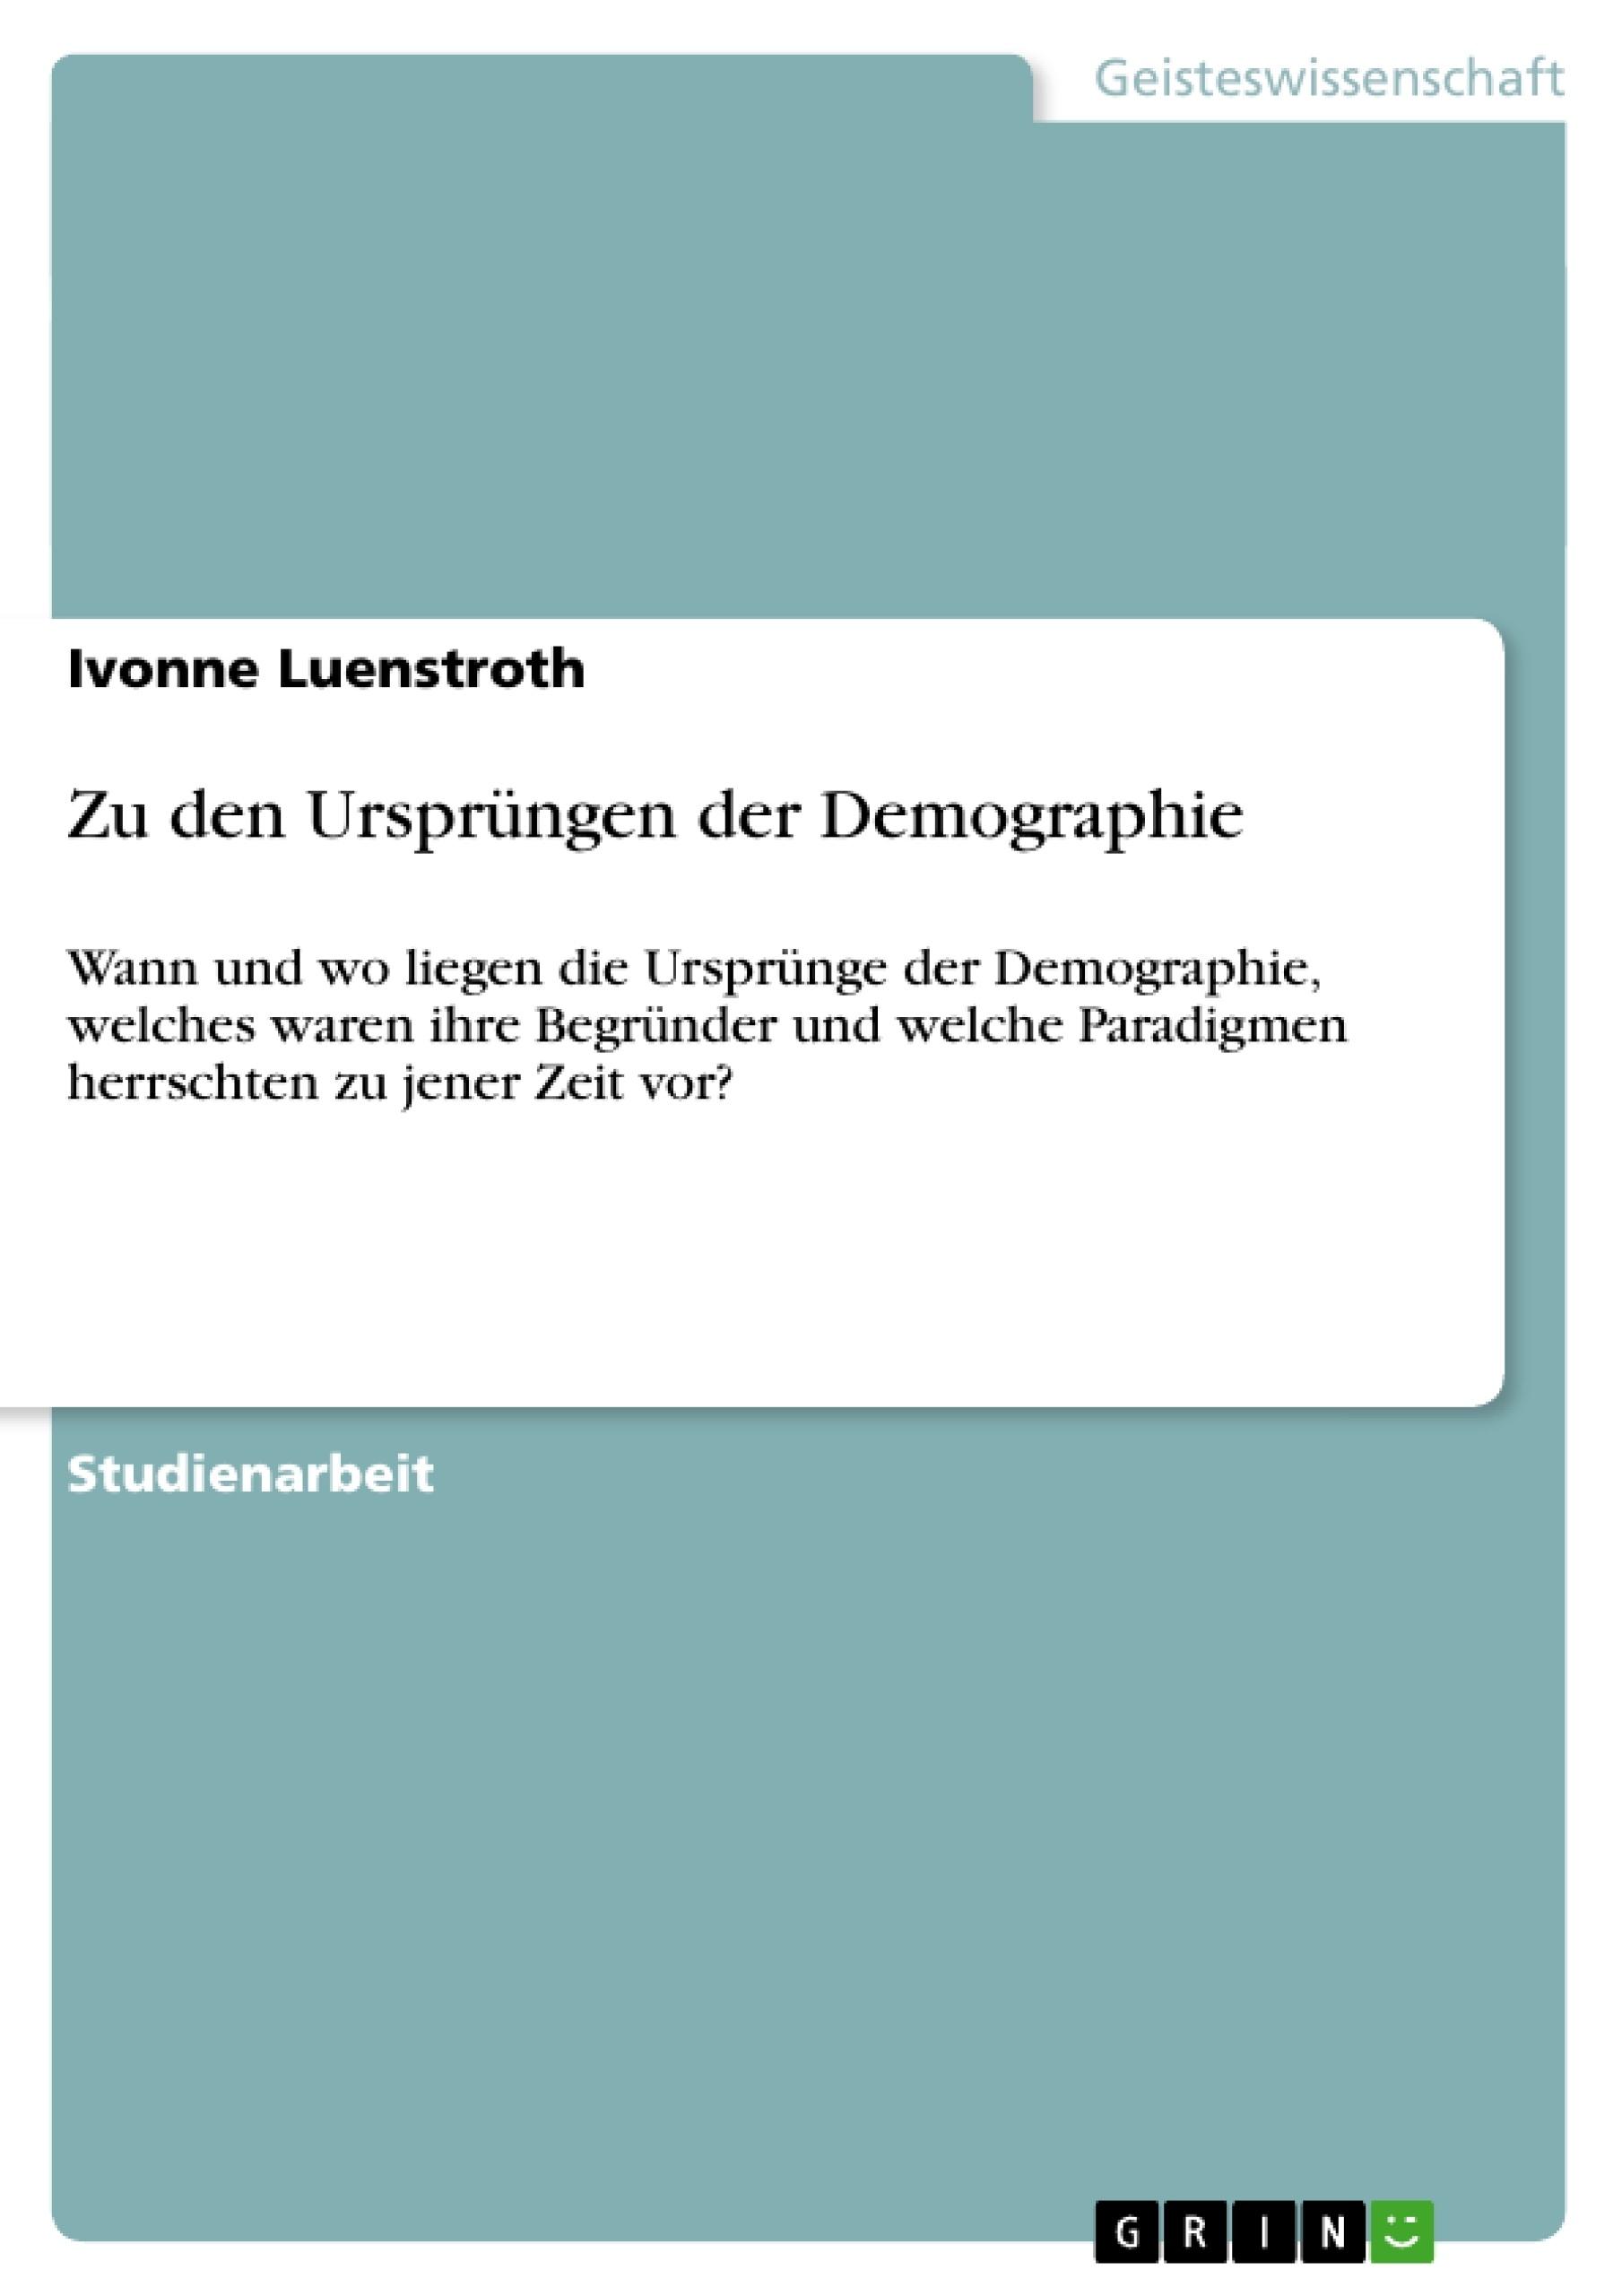 Titel: Zu den Ursprüngen der Demographie